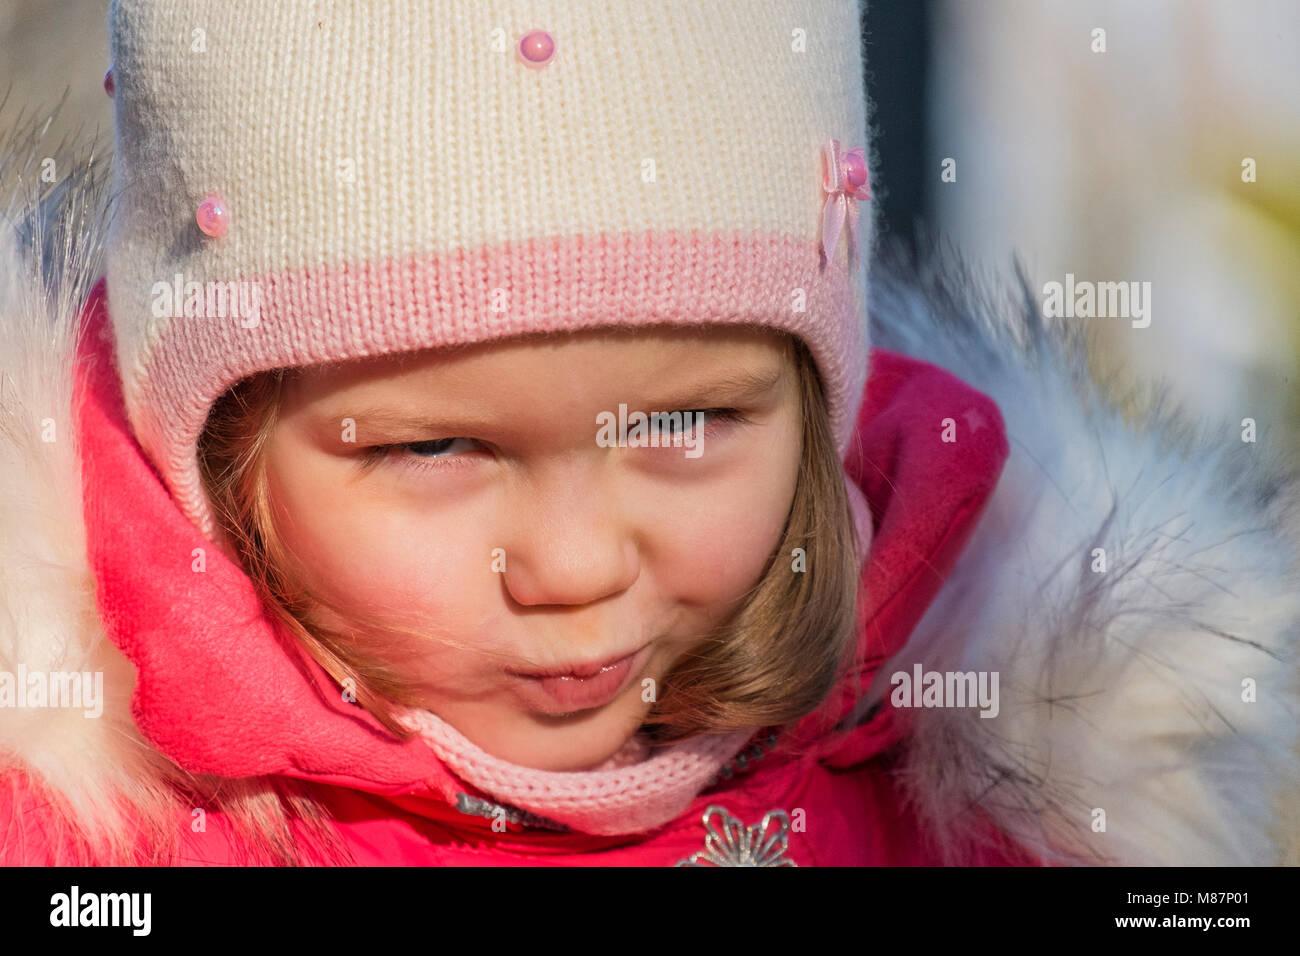 Retrato de una niña en ropa de invierno Imagen De Stock